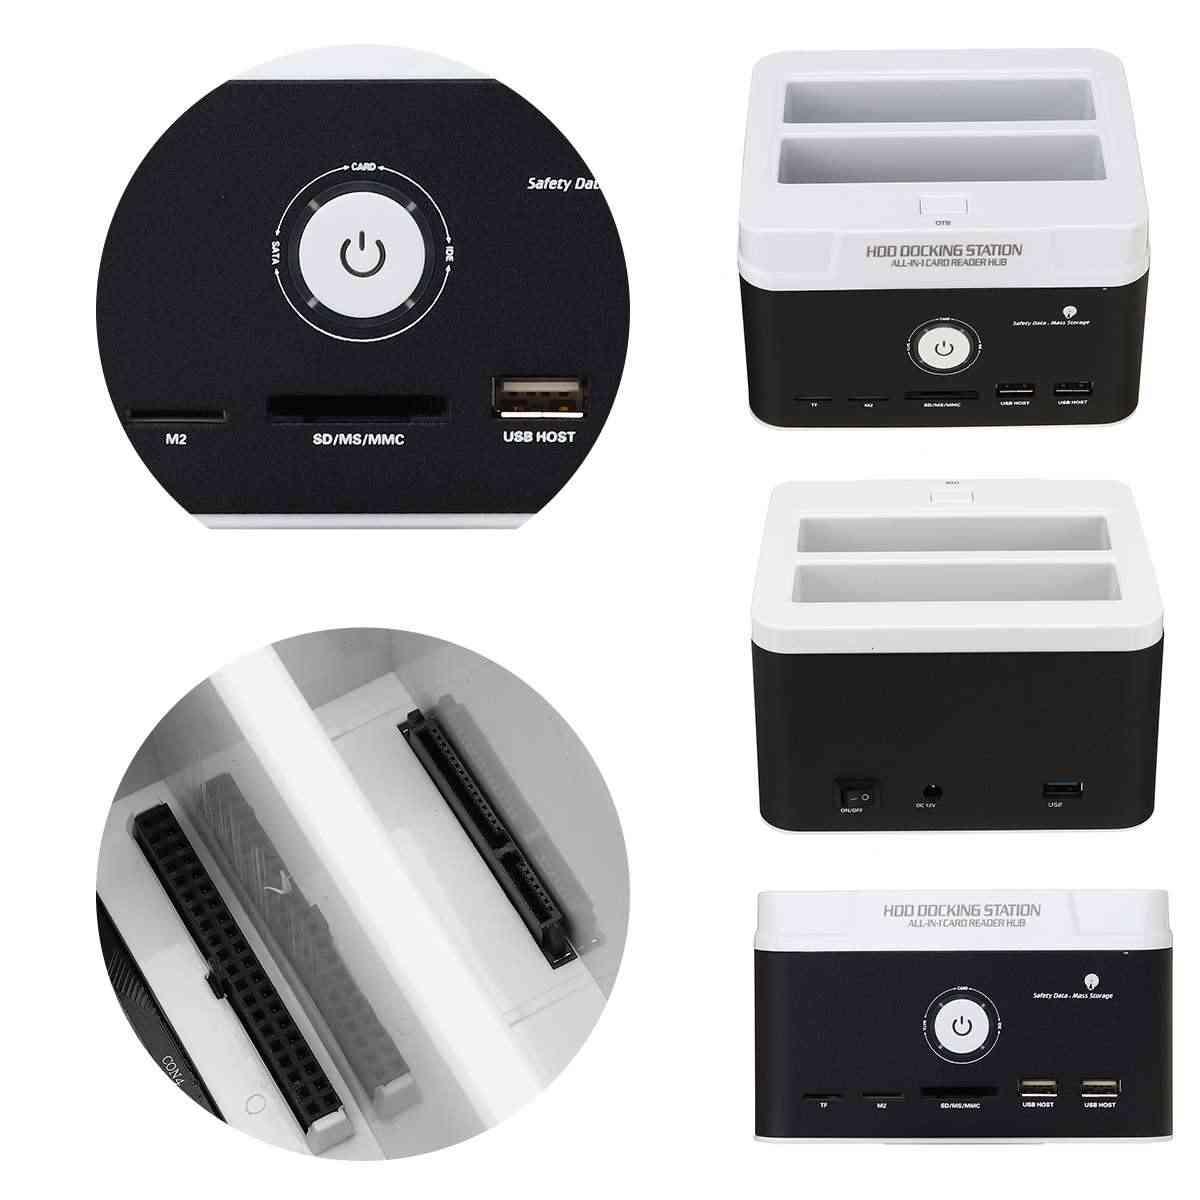 כל אחד HDD תחנת עגינה עבור 2.5 אינץ 3.5 אינץ IDE/SATA USB 3.0 Dual HDD מארז פנימי דיסק קשיח כונן מרובה מפרץ